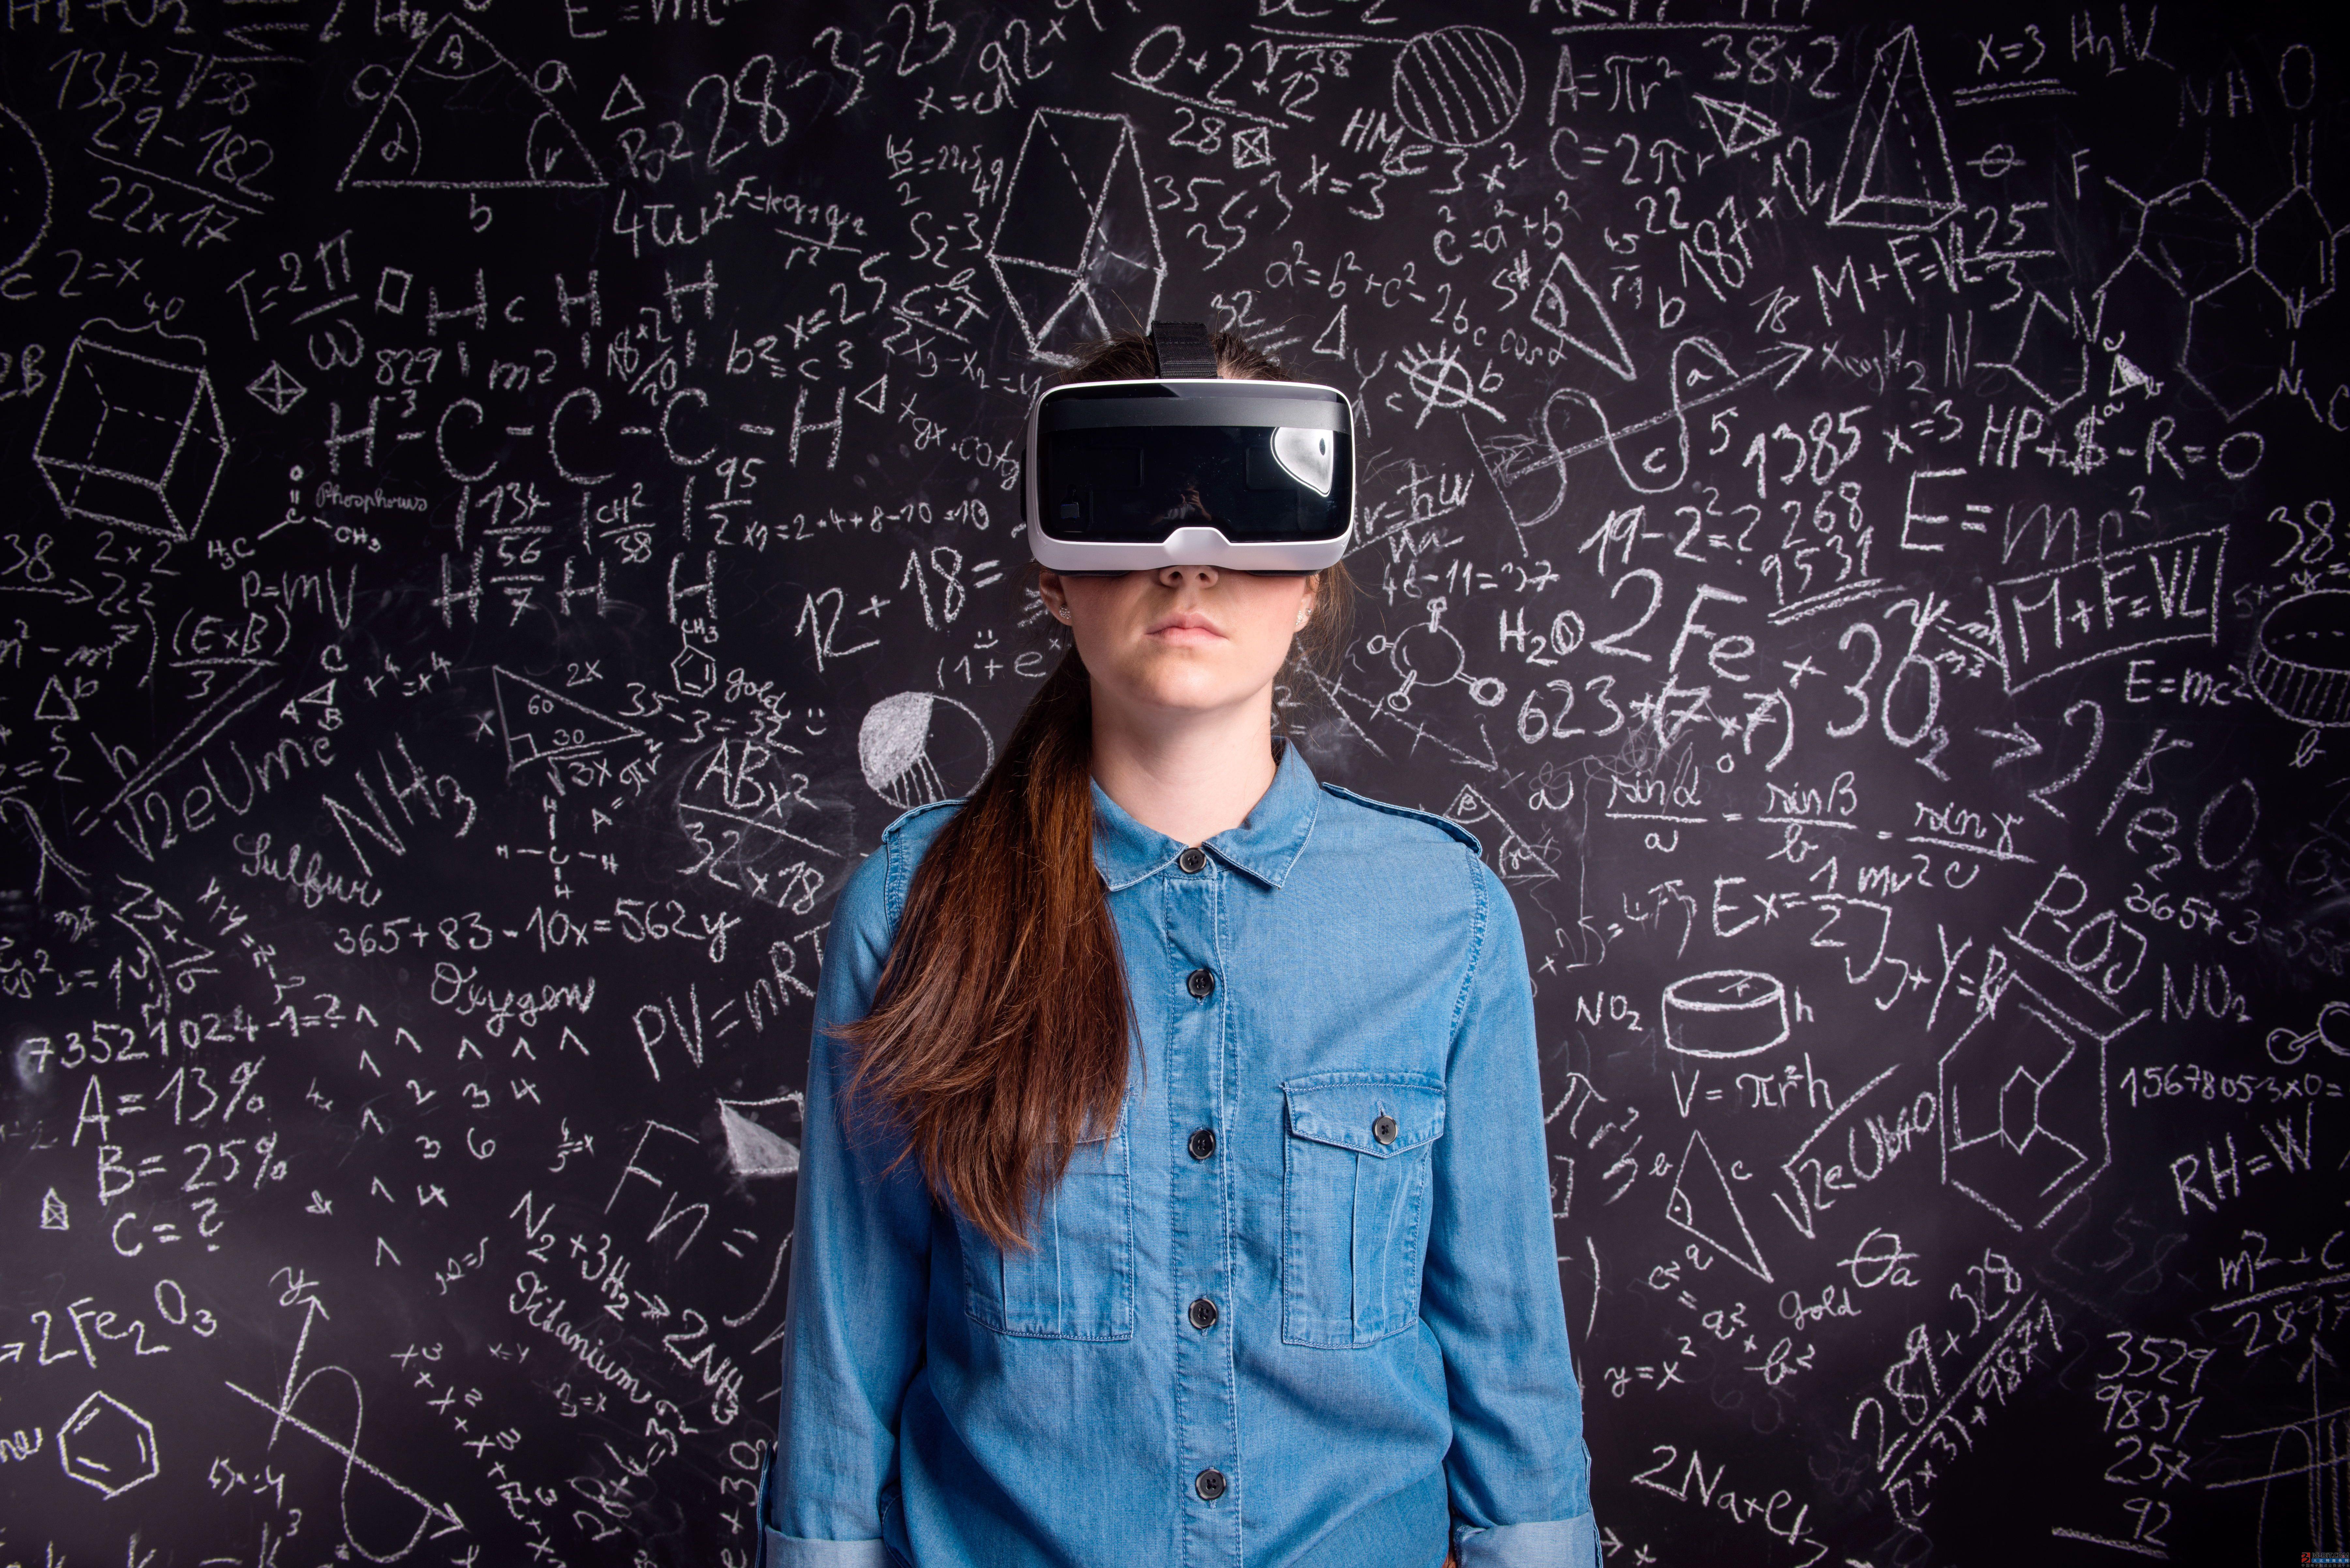 可穿戴设备,智能手机之后的又一个超级增长点